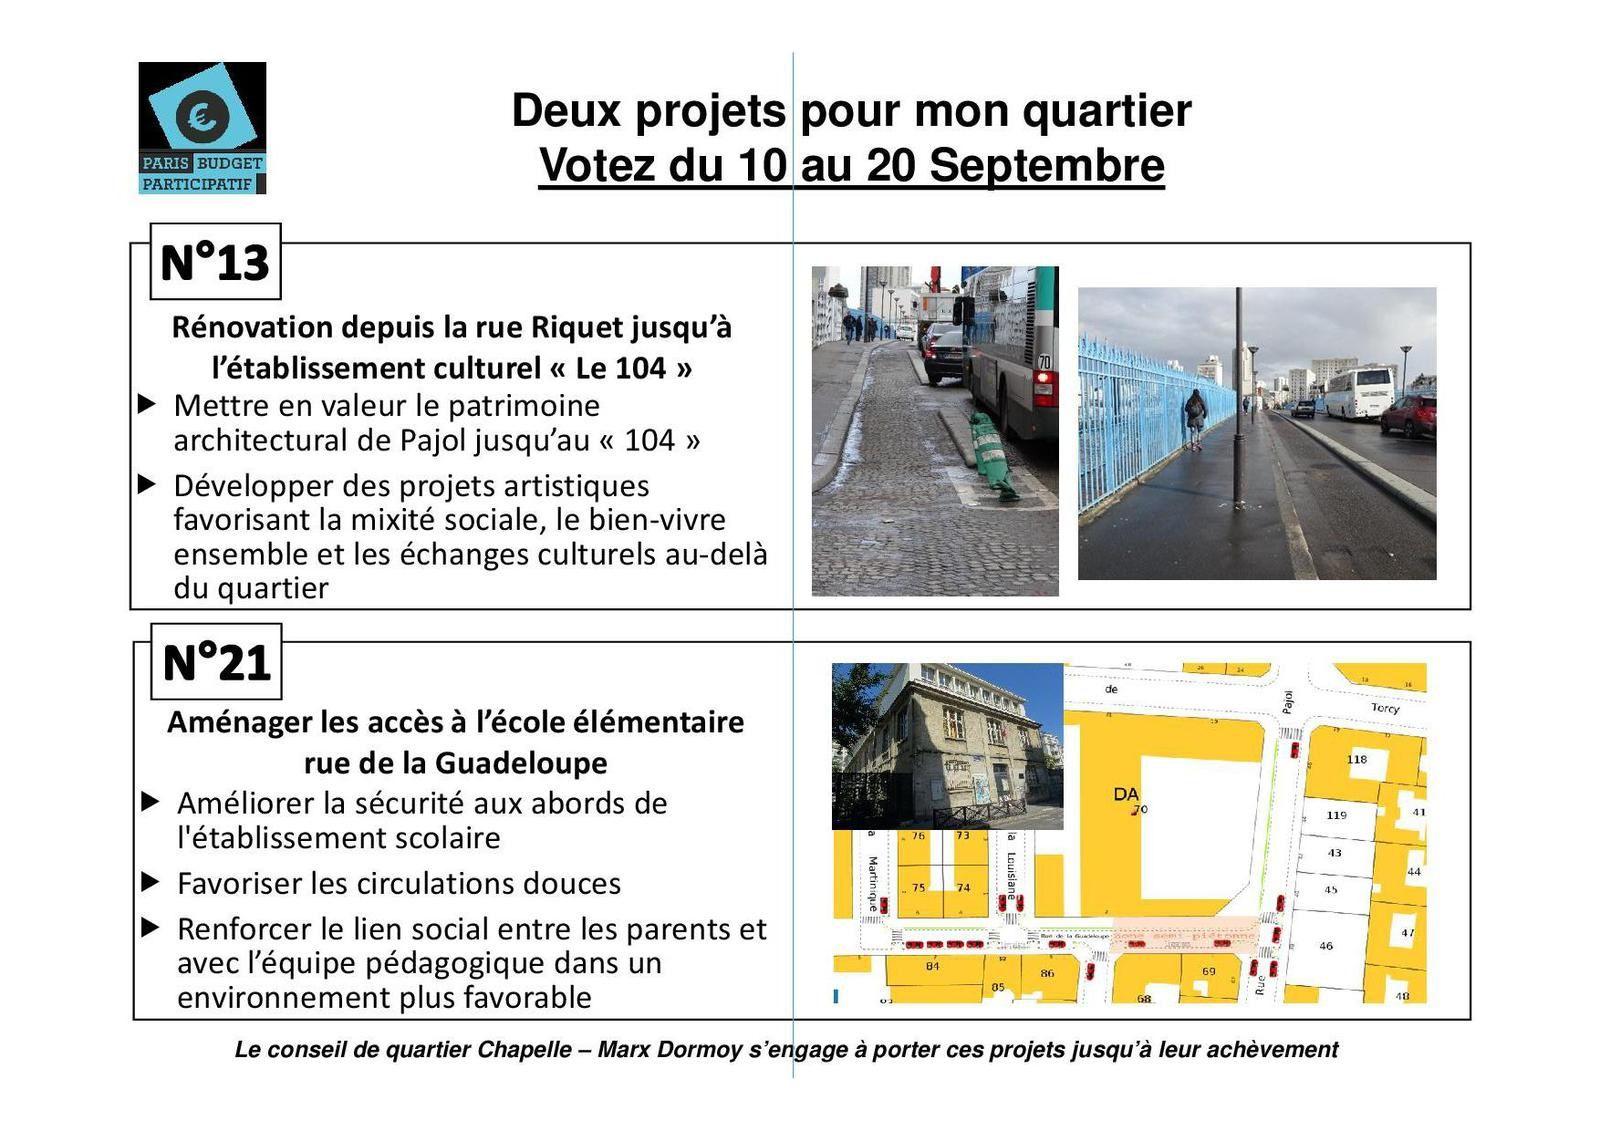 Vote participatif : jusqu'au 26 septembre 2015 votez pour le projet 13 (pont et rue Riquet) ou 21 (abords école Guadeloupe)